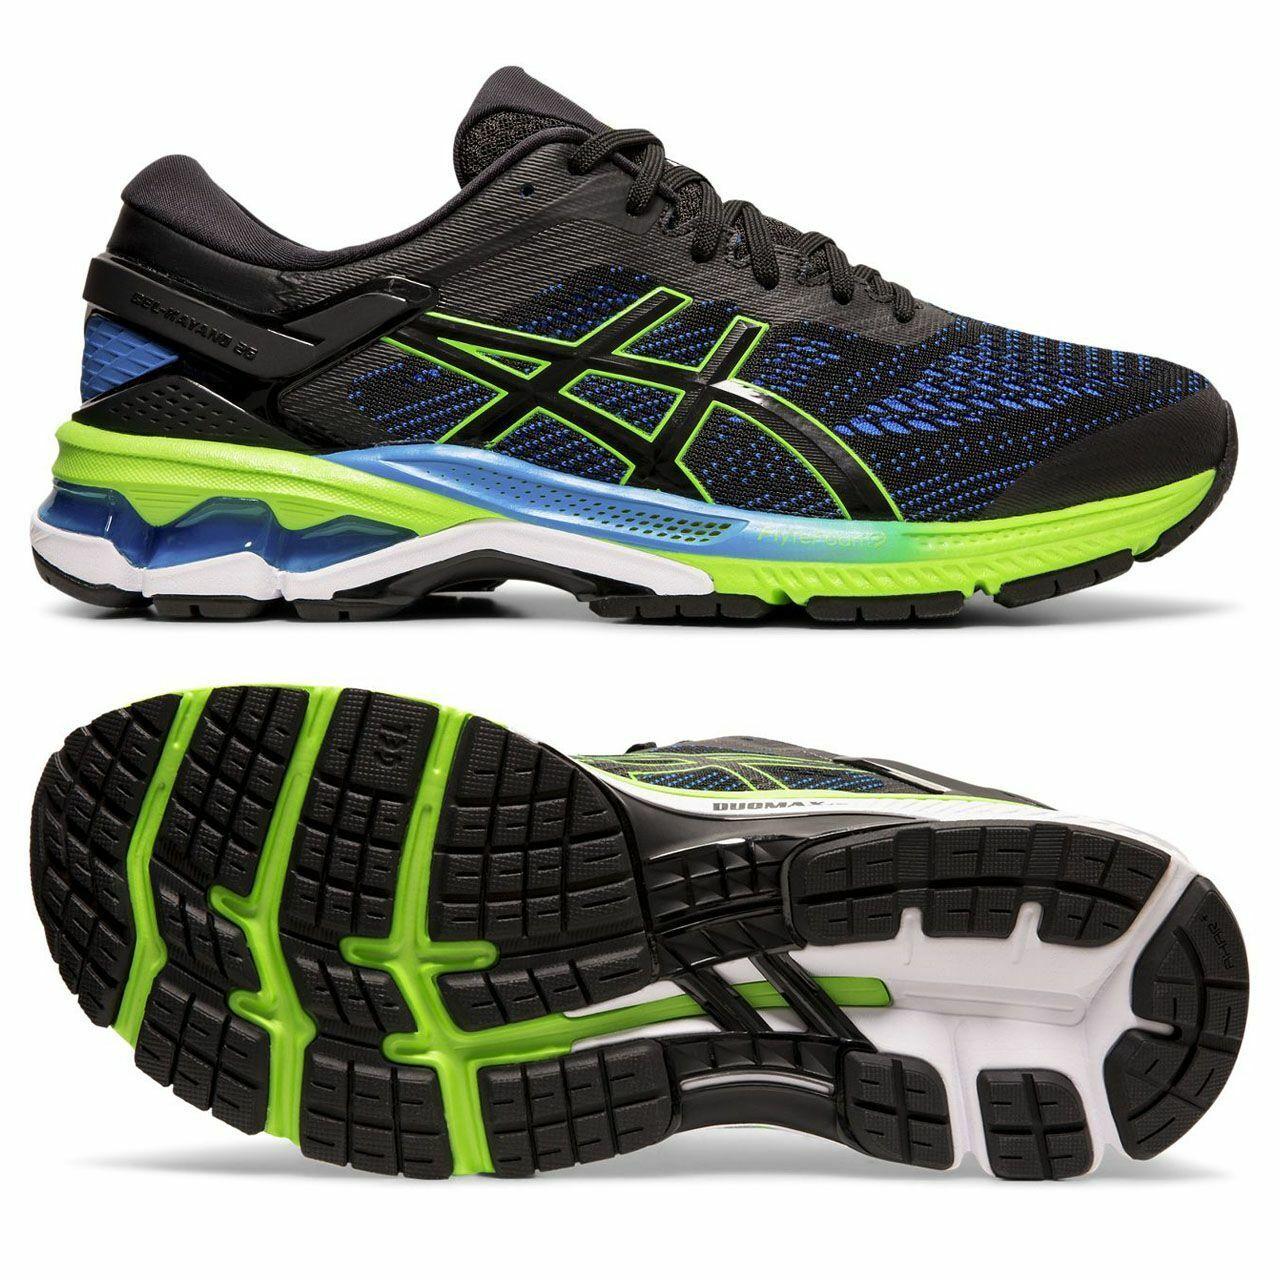 Asics Gel-Kayano 26 mannens Overpronation Stability hardlopen schoenen